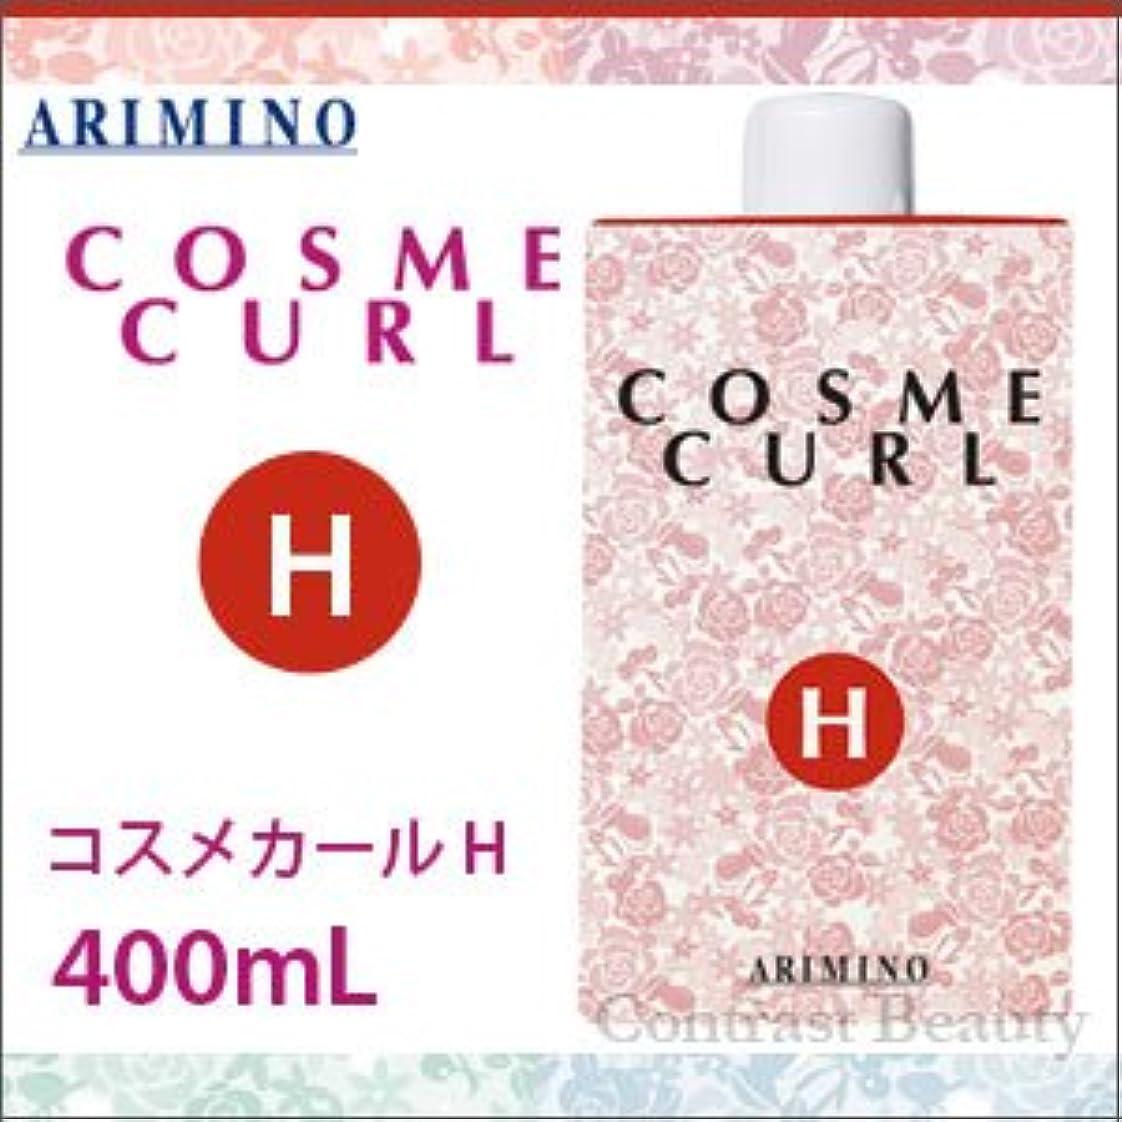 識字右フラスコアリミノ コスメカール H 400ml